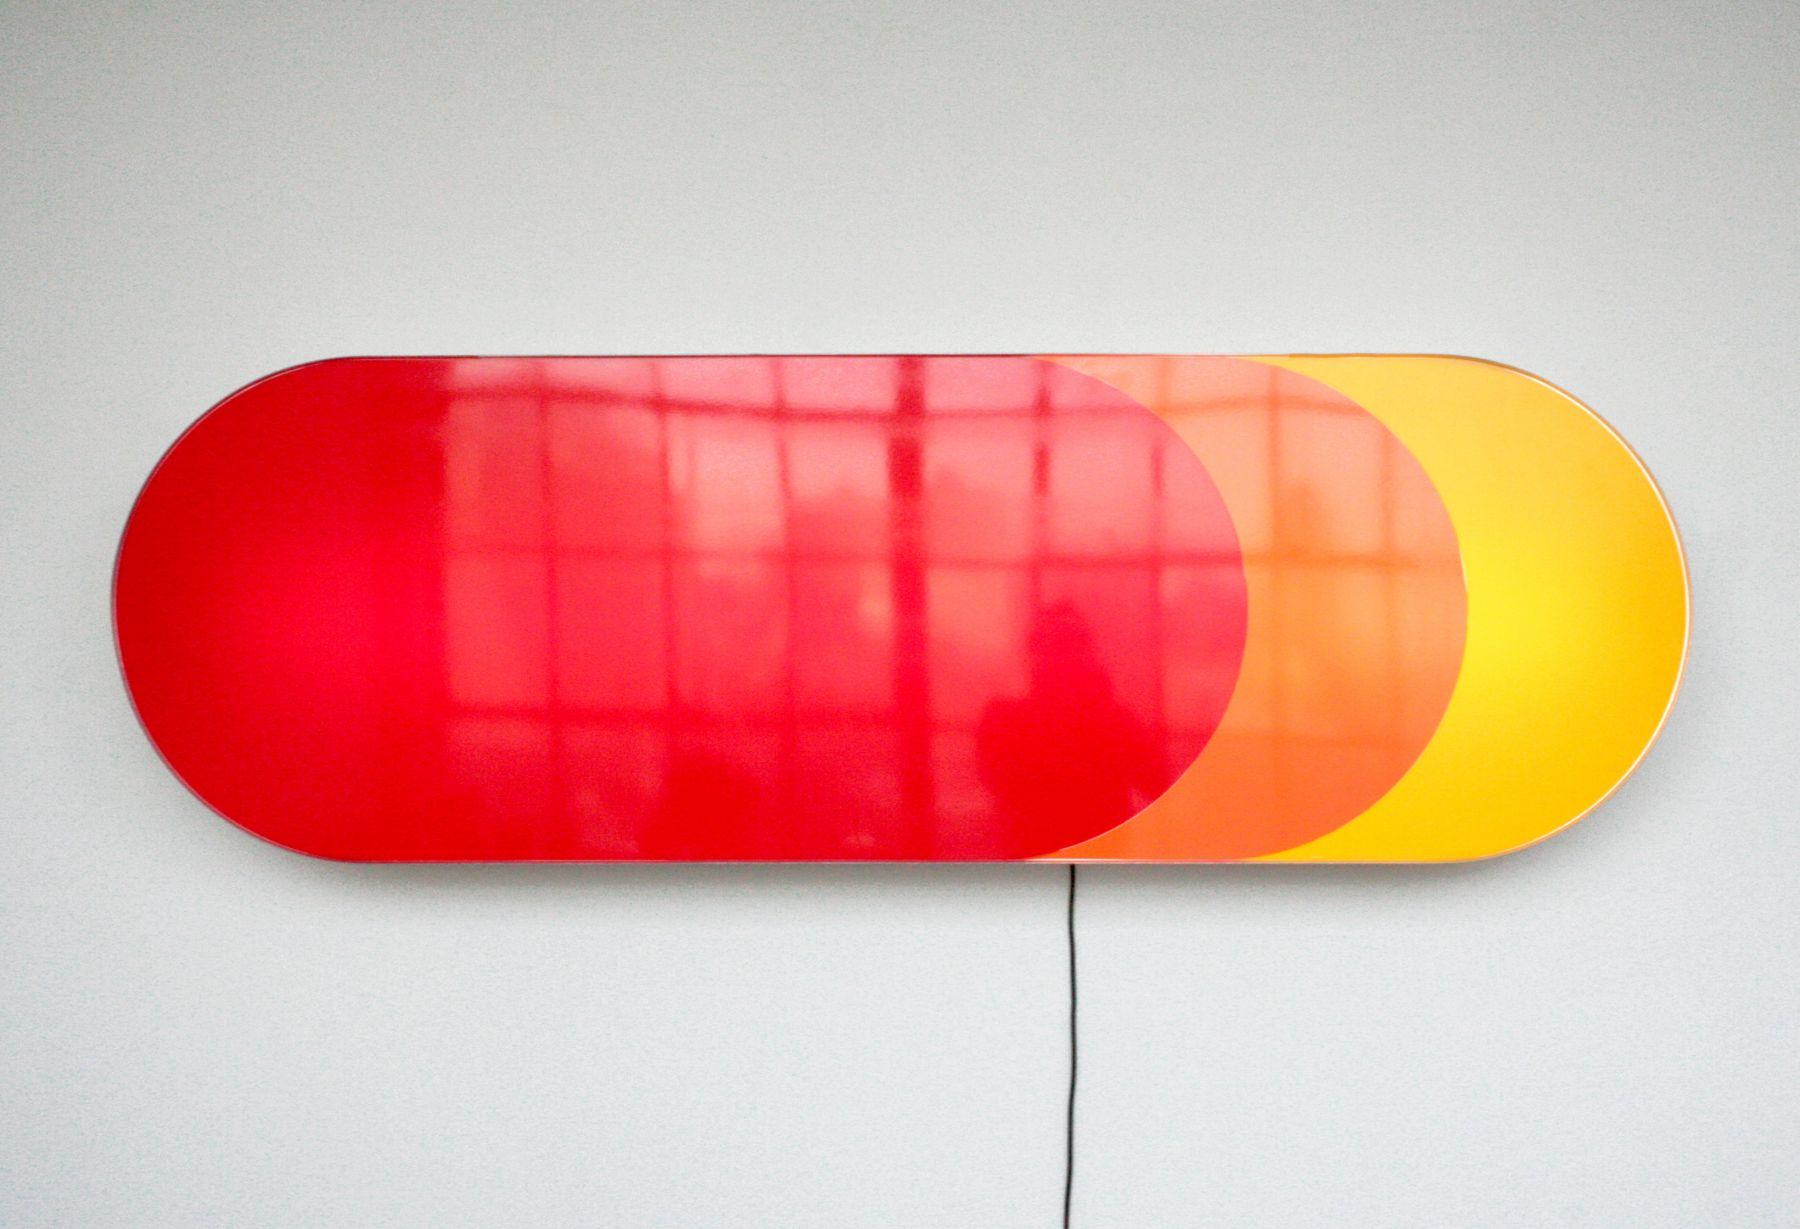 Daniel Pflumm  Untitled (A&P), 2005  Lightbox  77 1/2 x 25 x 6 1/2 inches (196.9 x 63.5 x 16.5 cm)